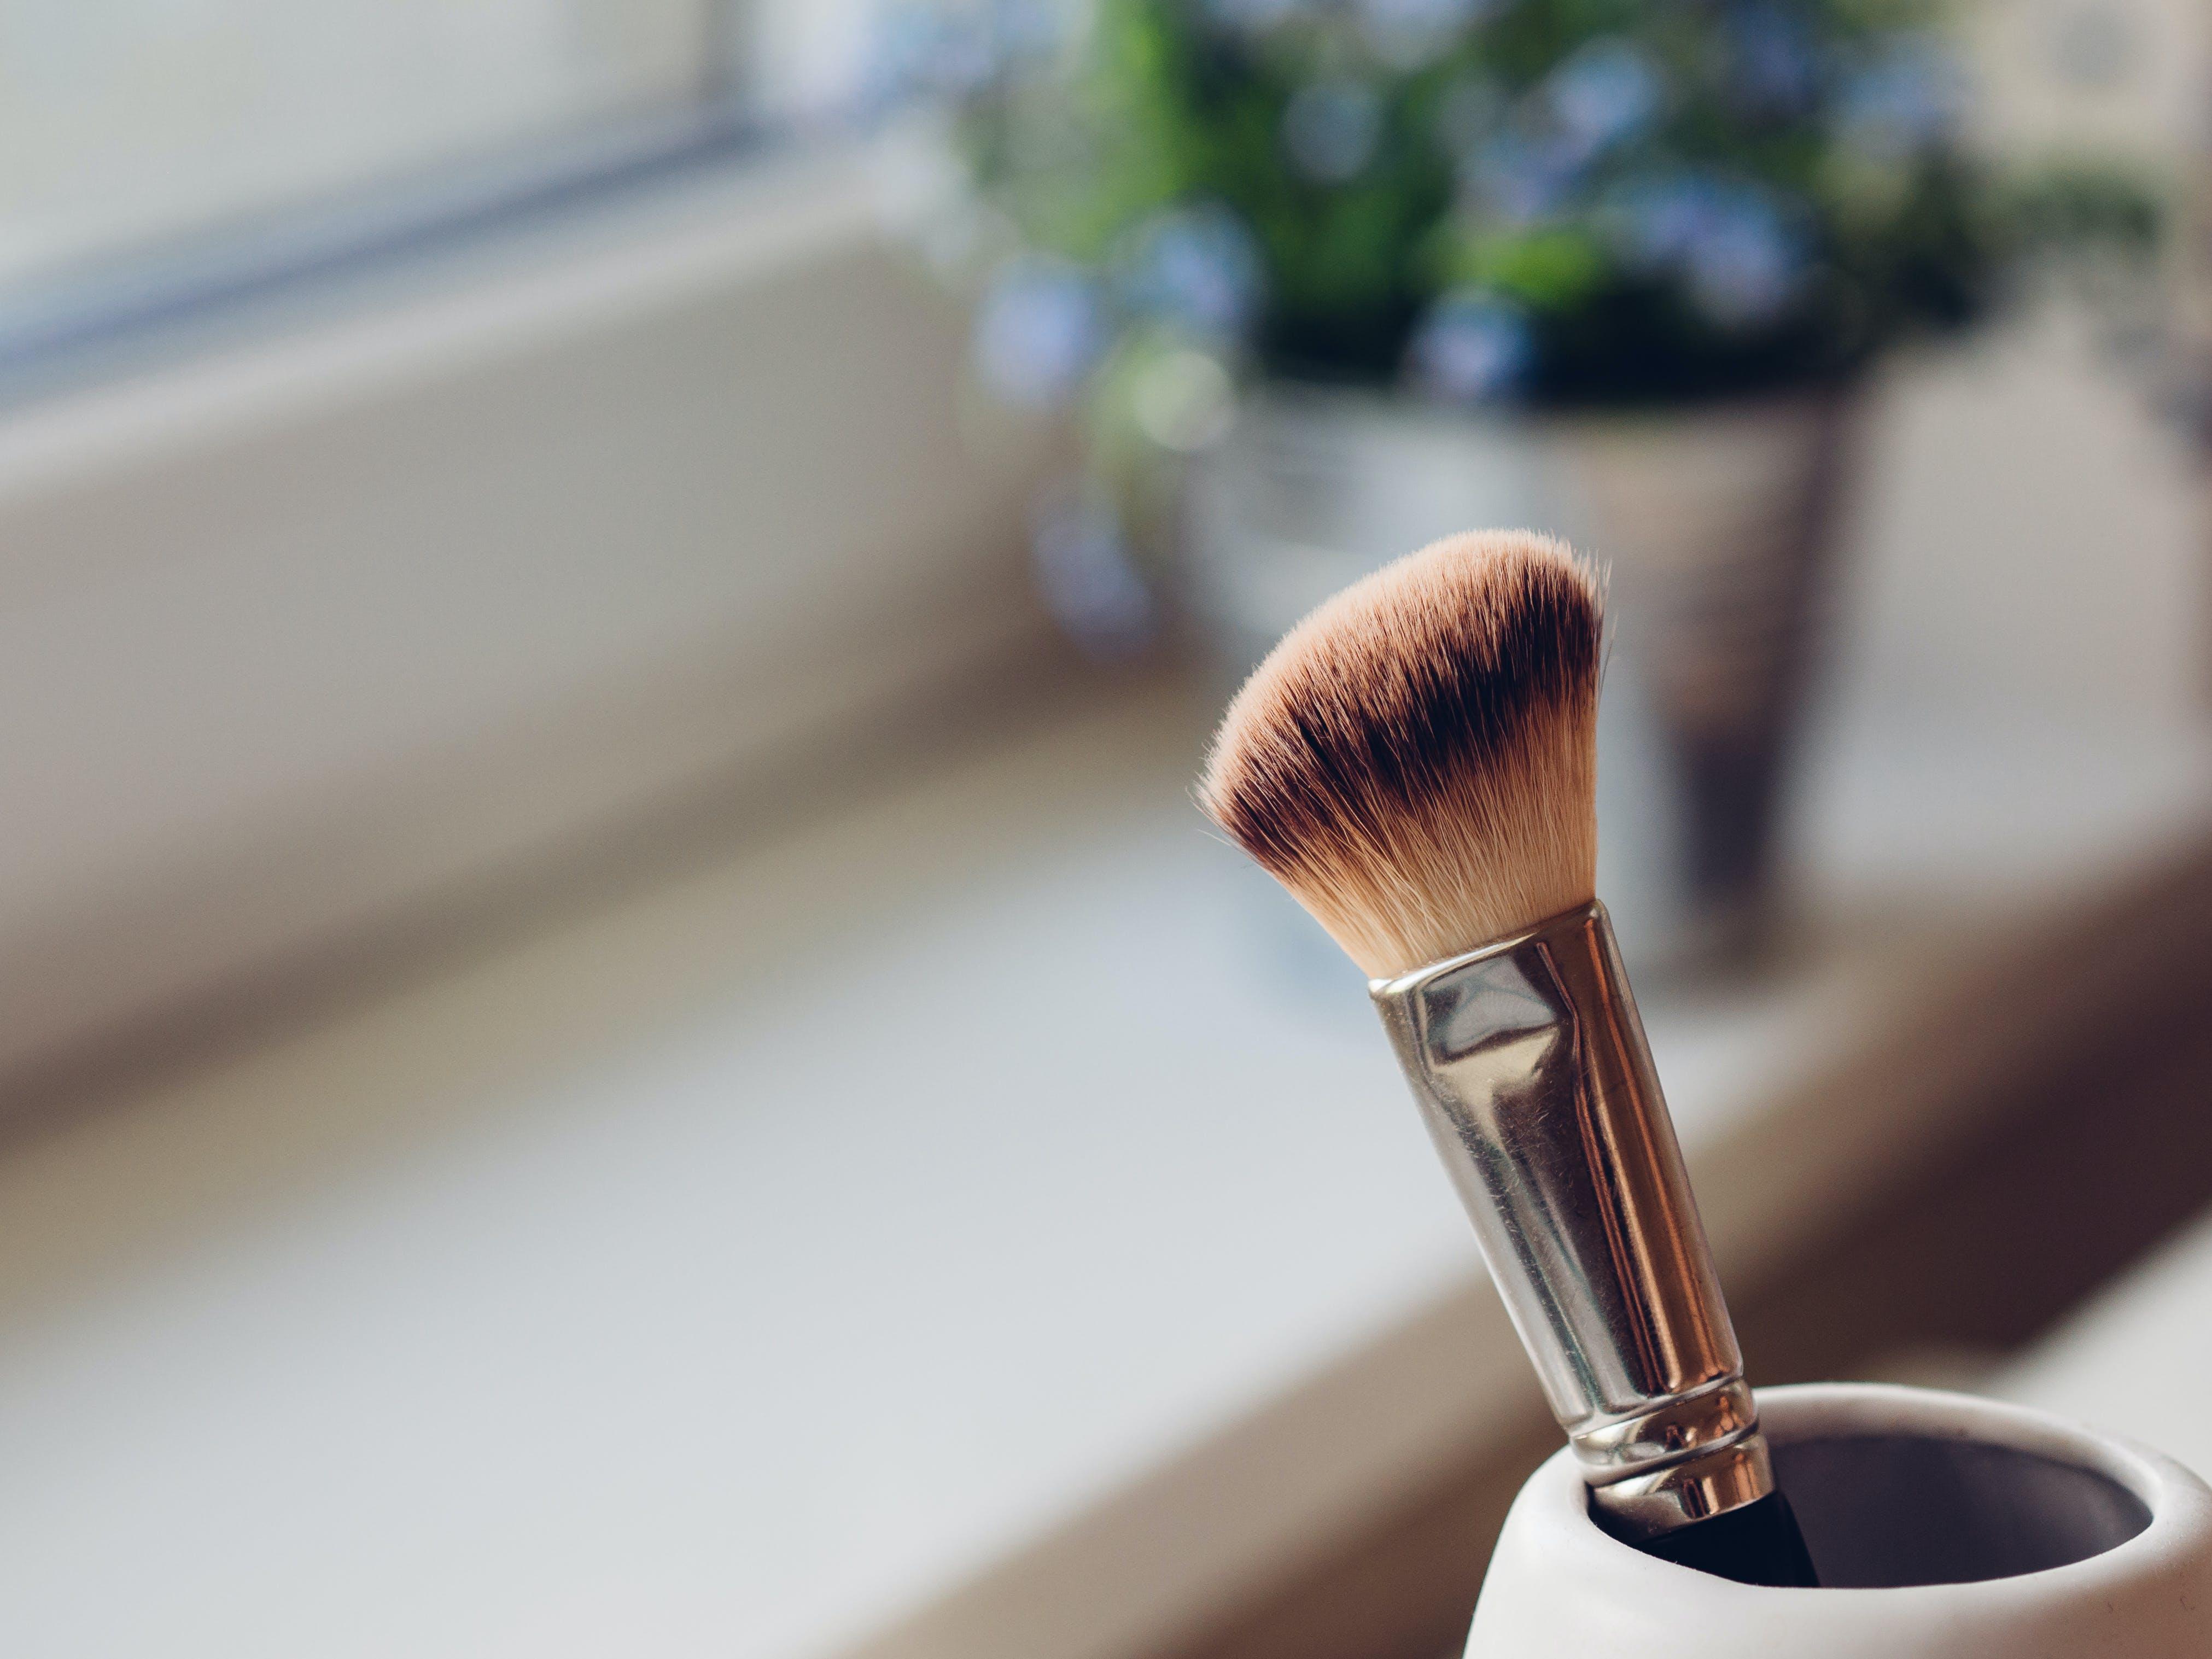 Shallow Focus Photography of Makeup Brush